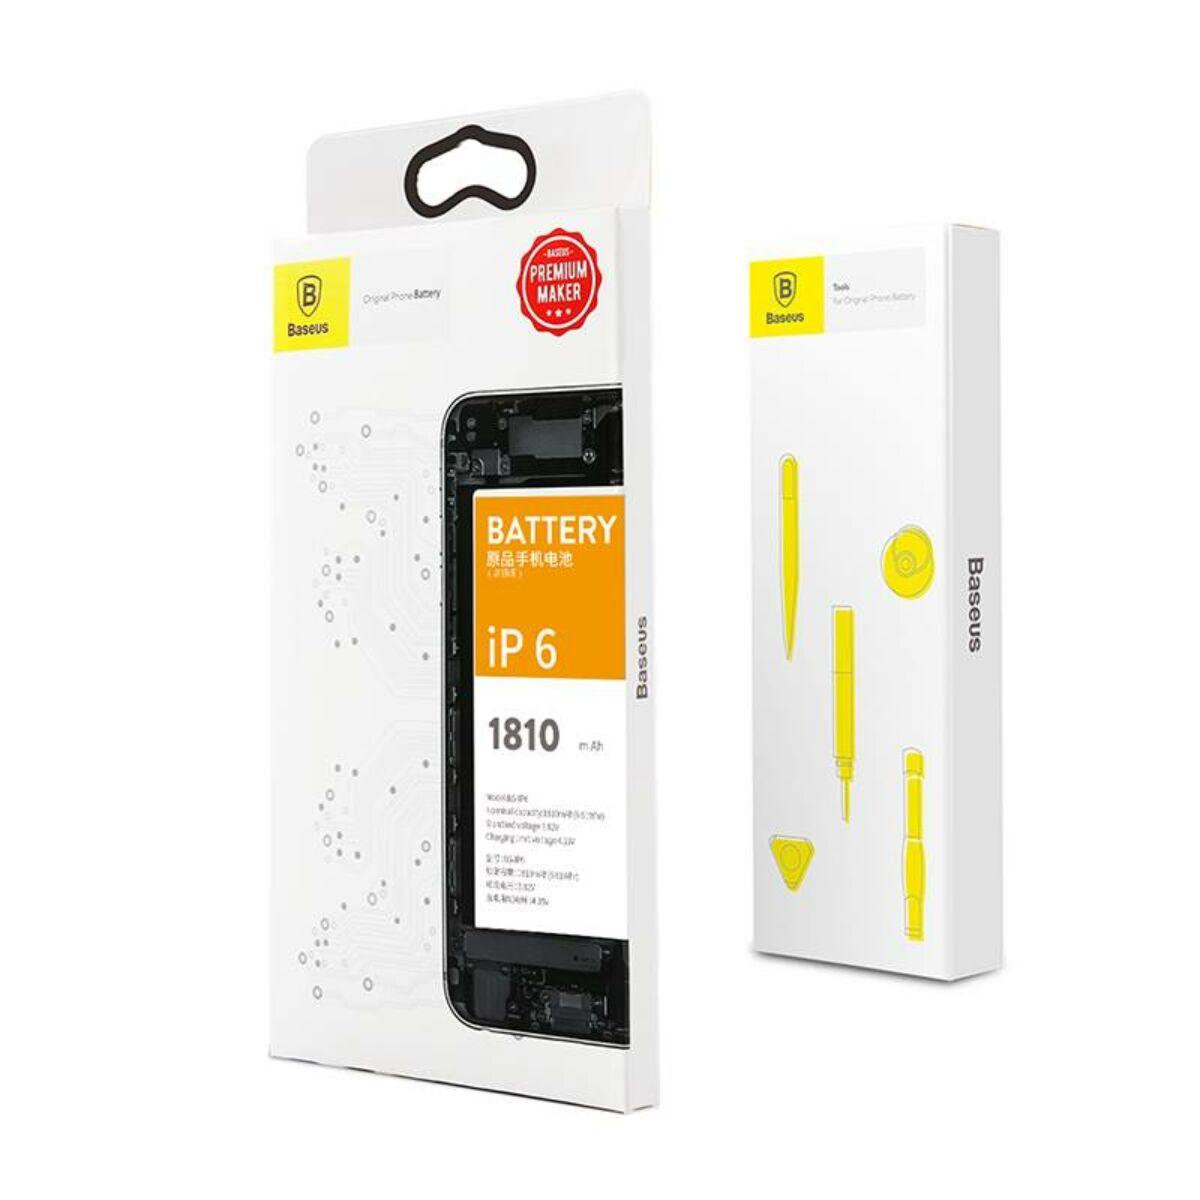 Baseus eredeti kapacitású akkumulátor iPhone 6-hoz, 1810 mAh (ACCB-AIP6)